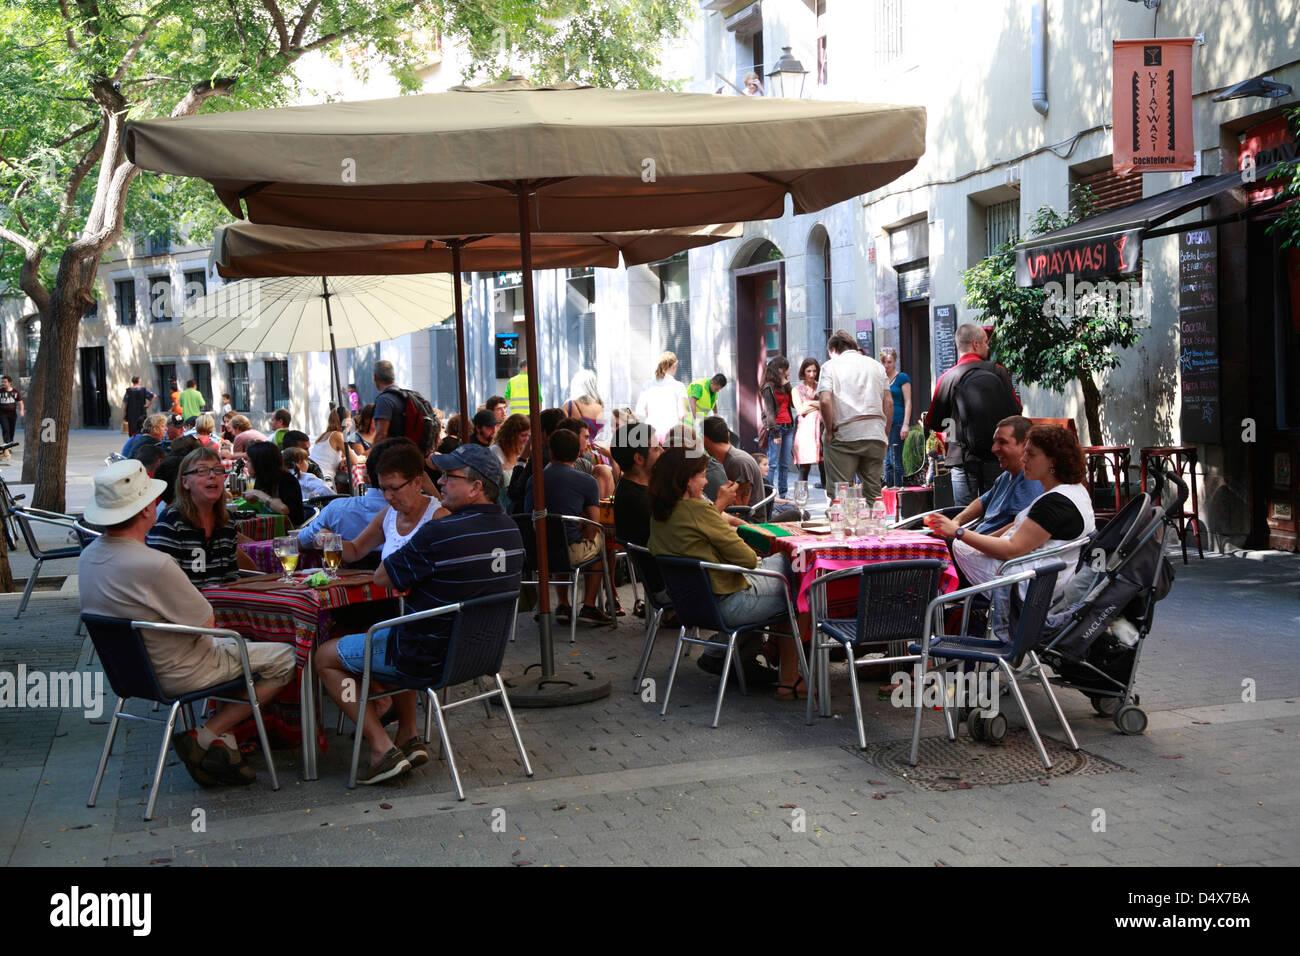 Streetcafe in the Ribera Quarter, Barcelona, Spain - Stock Image